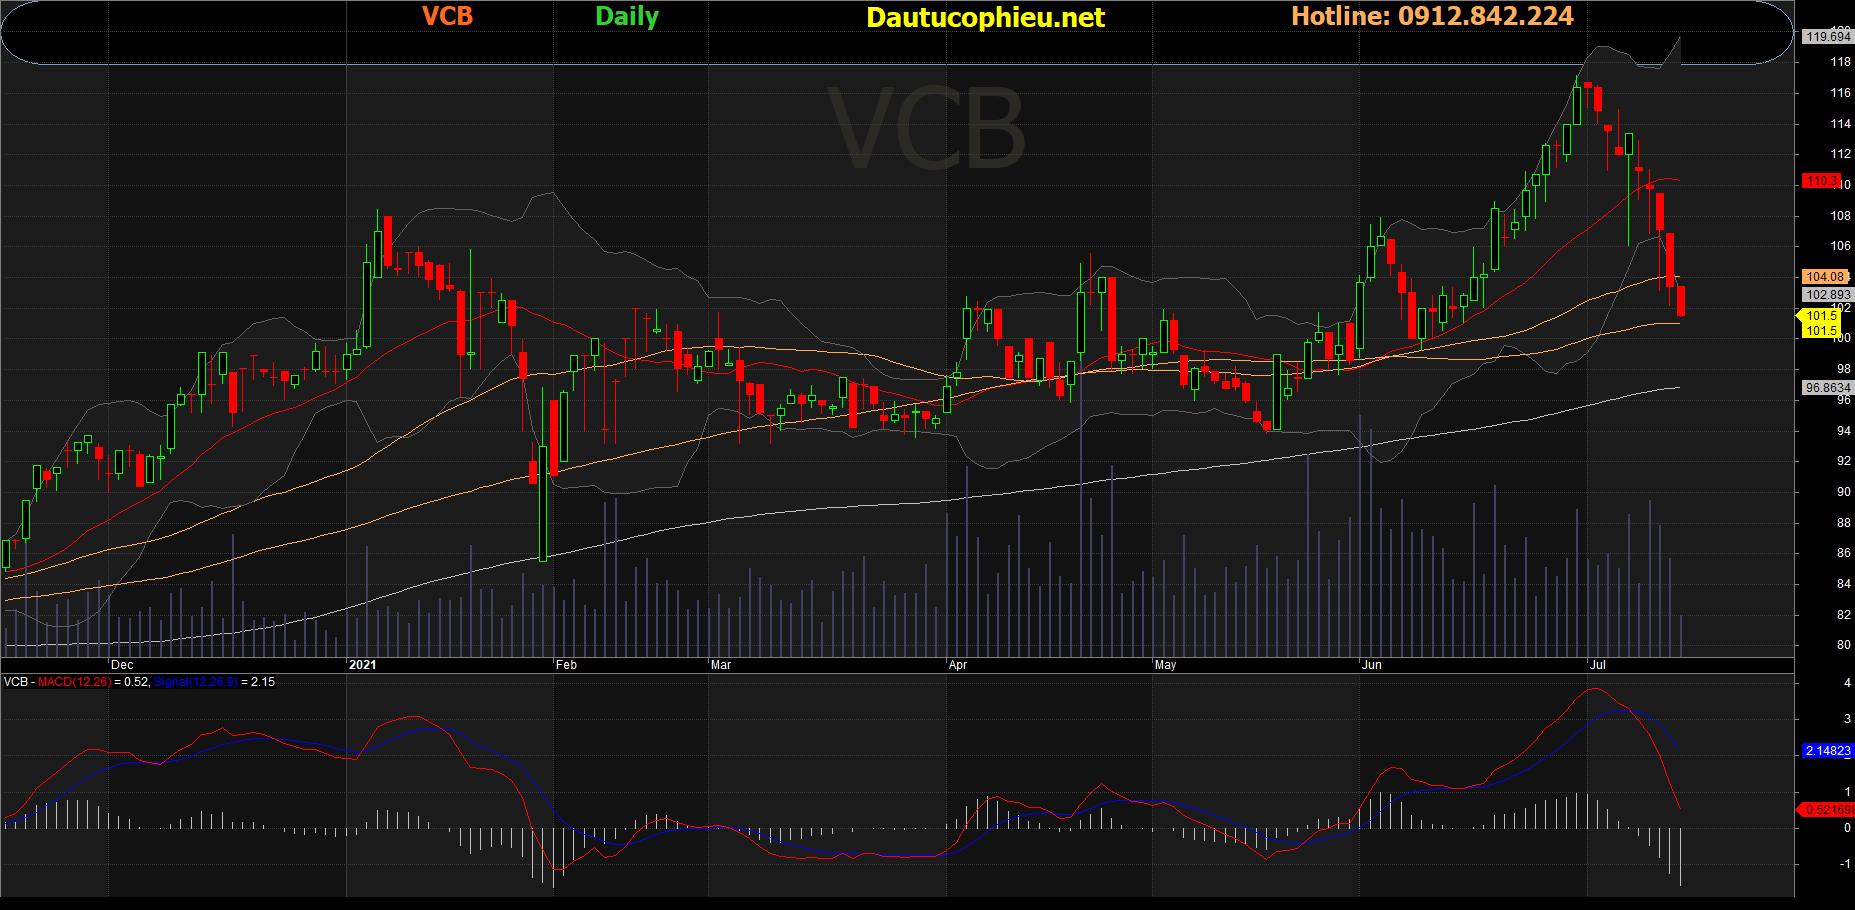 Đồ thị cổ phiếu VCB phiên giao dịch ngày 14/07/2021. Nguồn: AmiBroker